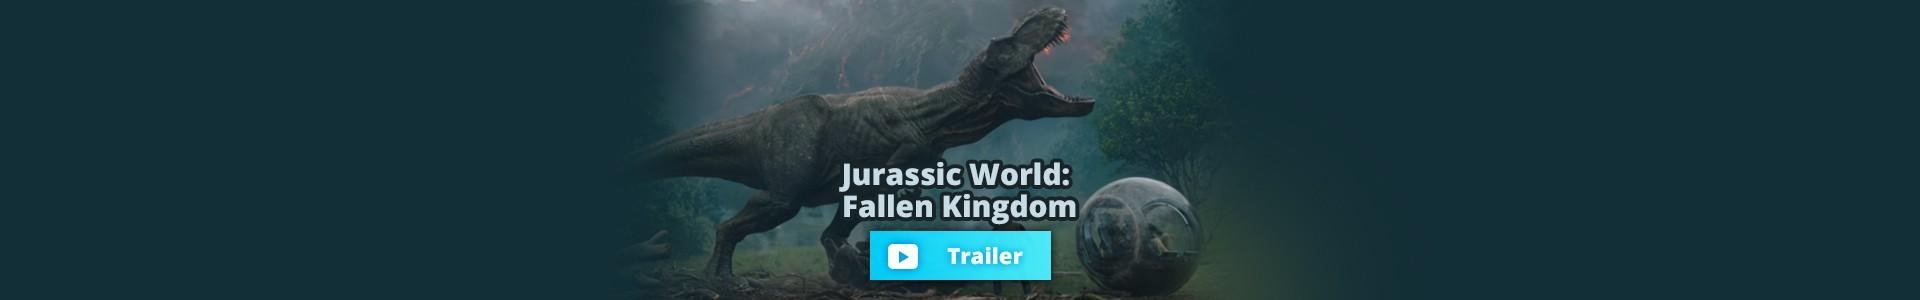 Assista ao novo trailer de  Jurrasic World 2